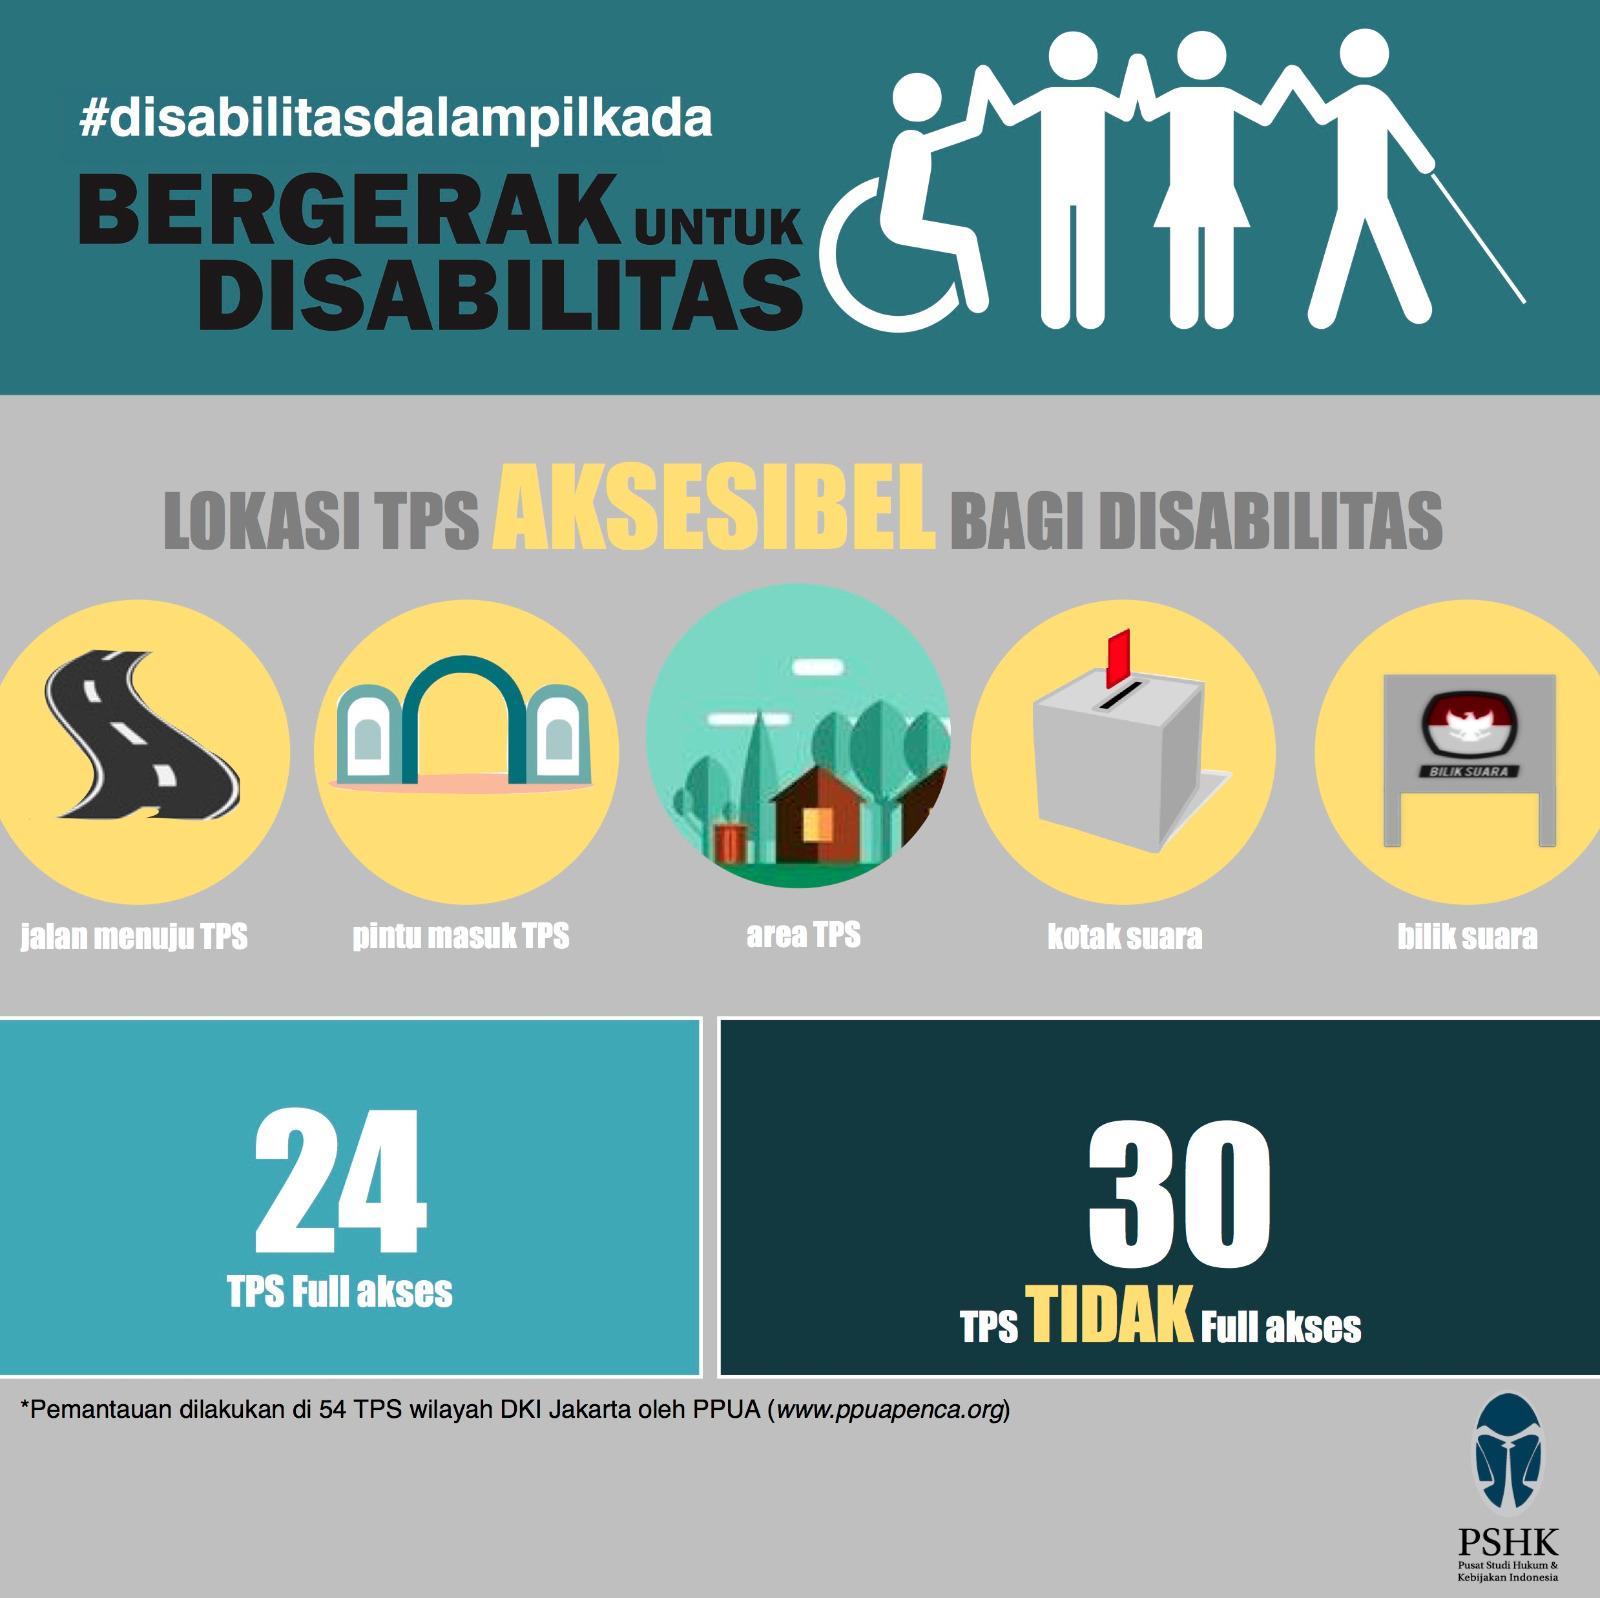 Lokasi TPS Aksesibel bagi Disabilitas